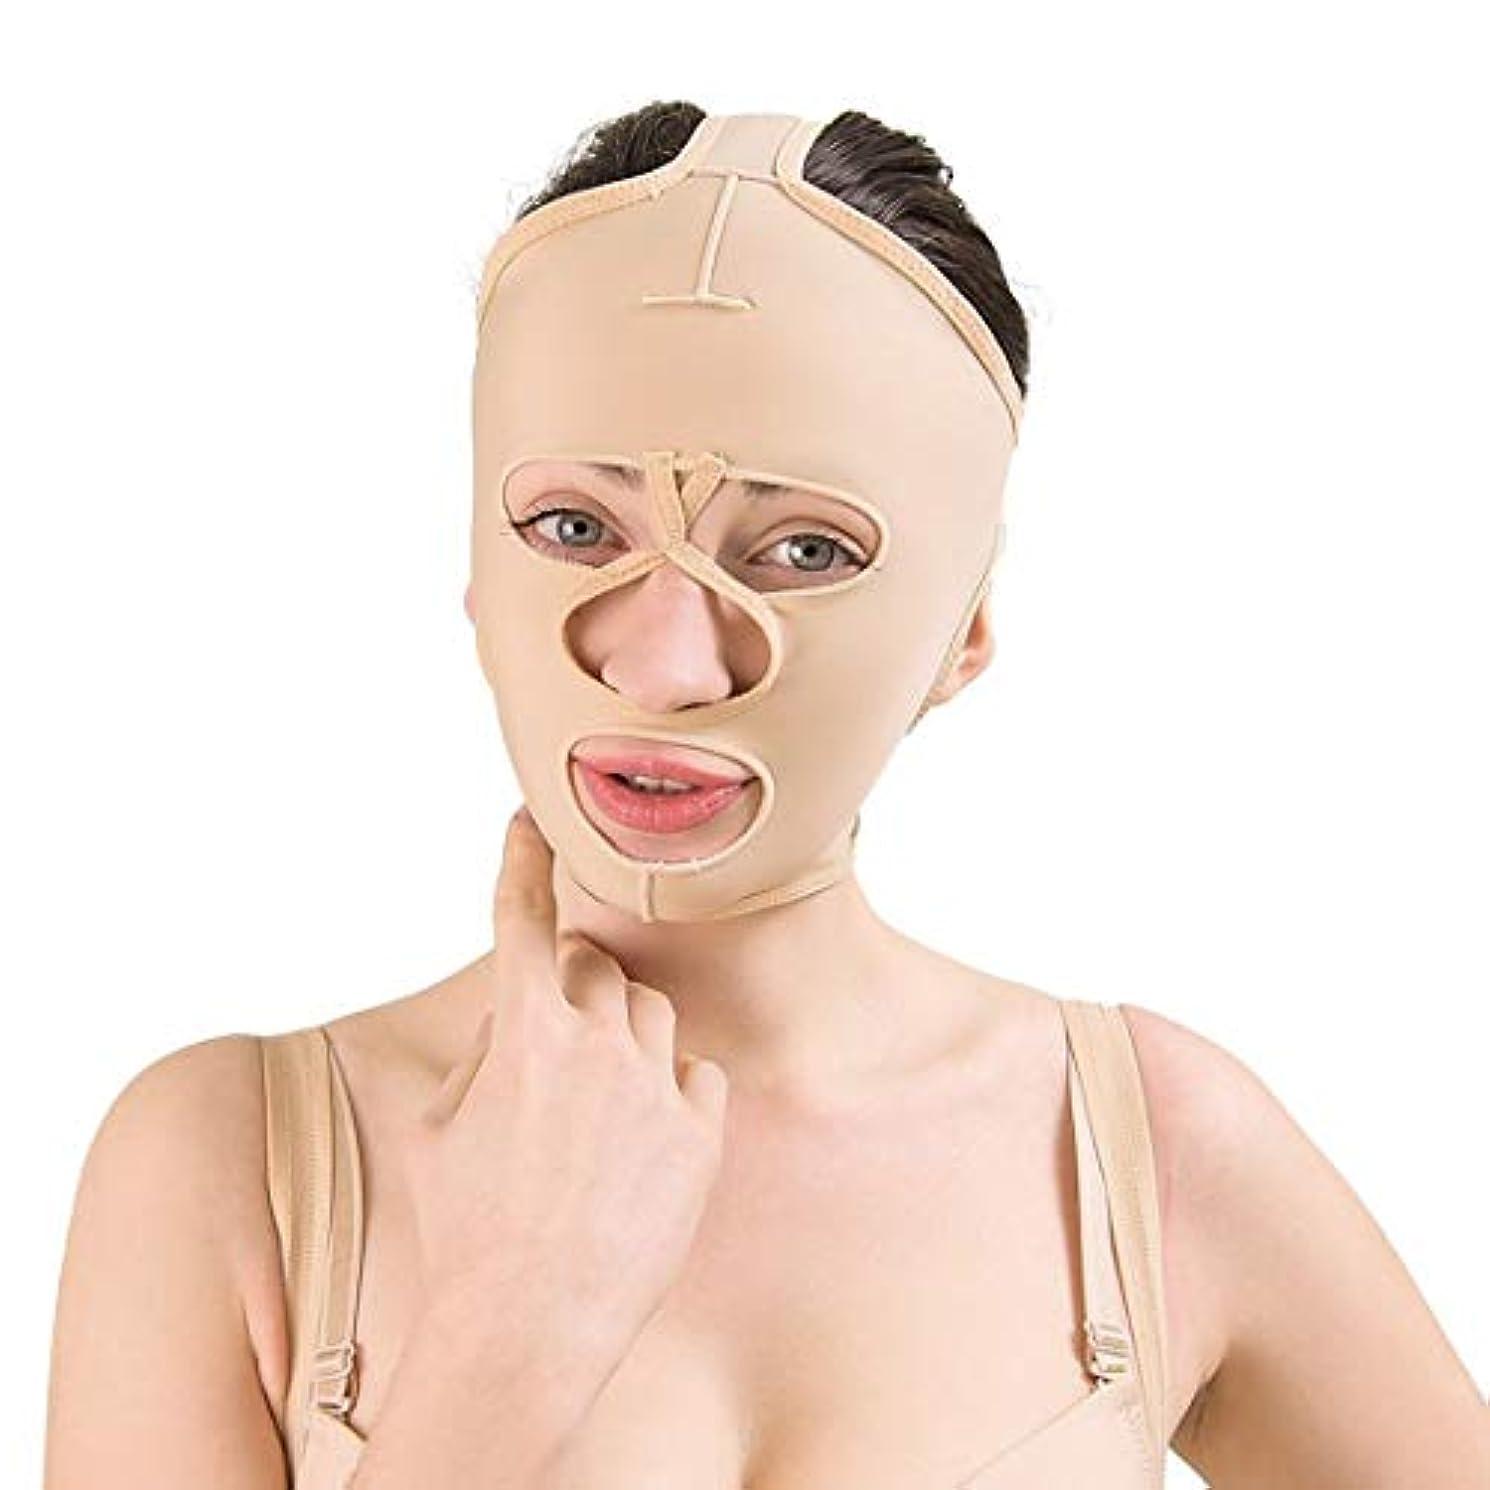 同封する他に作者ZWBD フェイスマスク, フェイスリフト包帯医療弾性スリーブ顔面下顎形成外科術後圧縮下顎スリーブ補助修復マスクしわを削除する (Size : S)